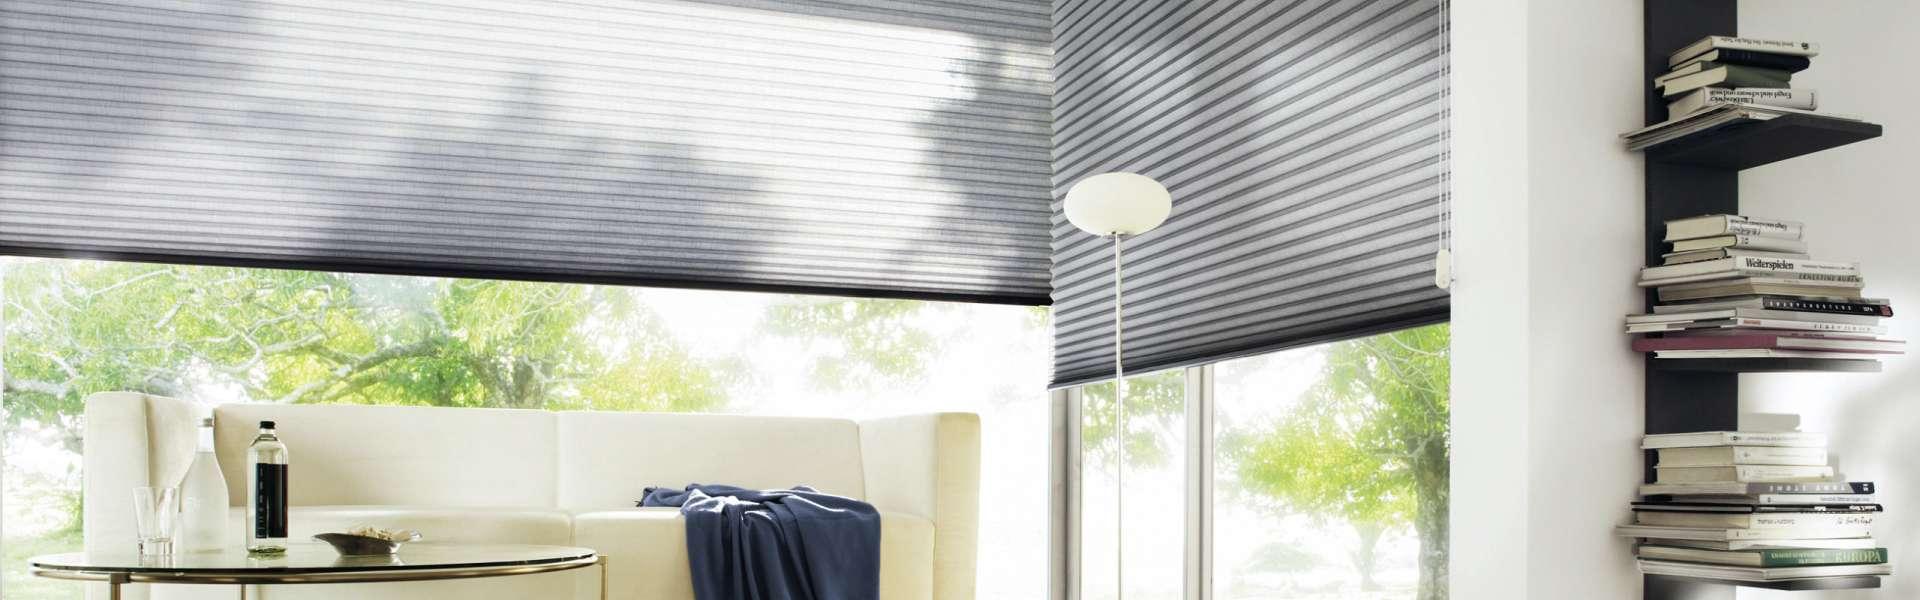 Bild Sonnenschutzanlage in Wohnzimmer grau